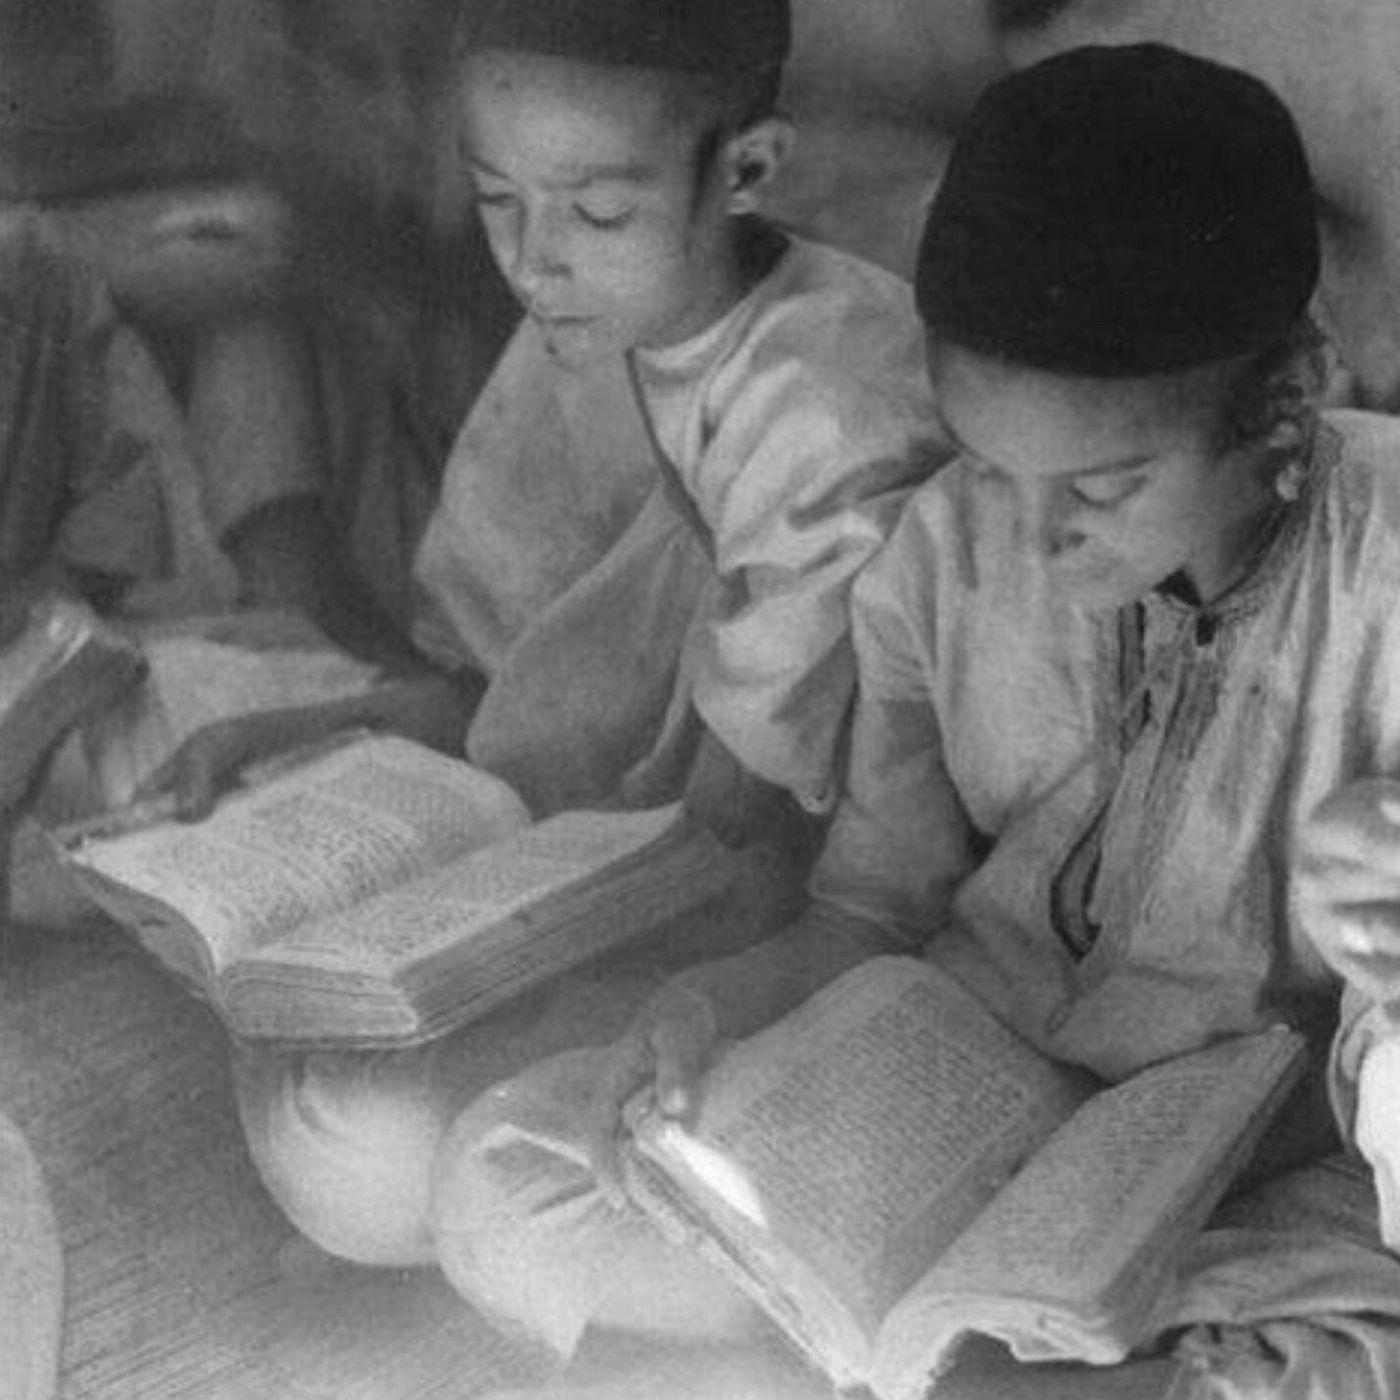 """[עושים תנ""""ך] חינוך: איך מלמדים תנ""""ך בבית הספר?"""